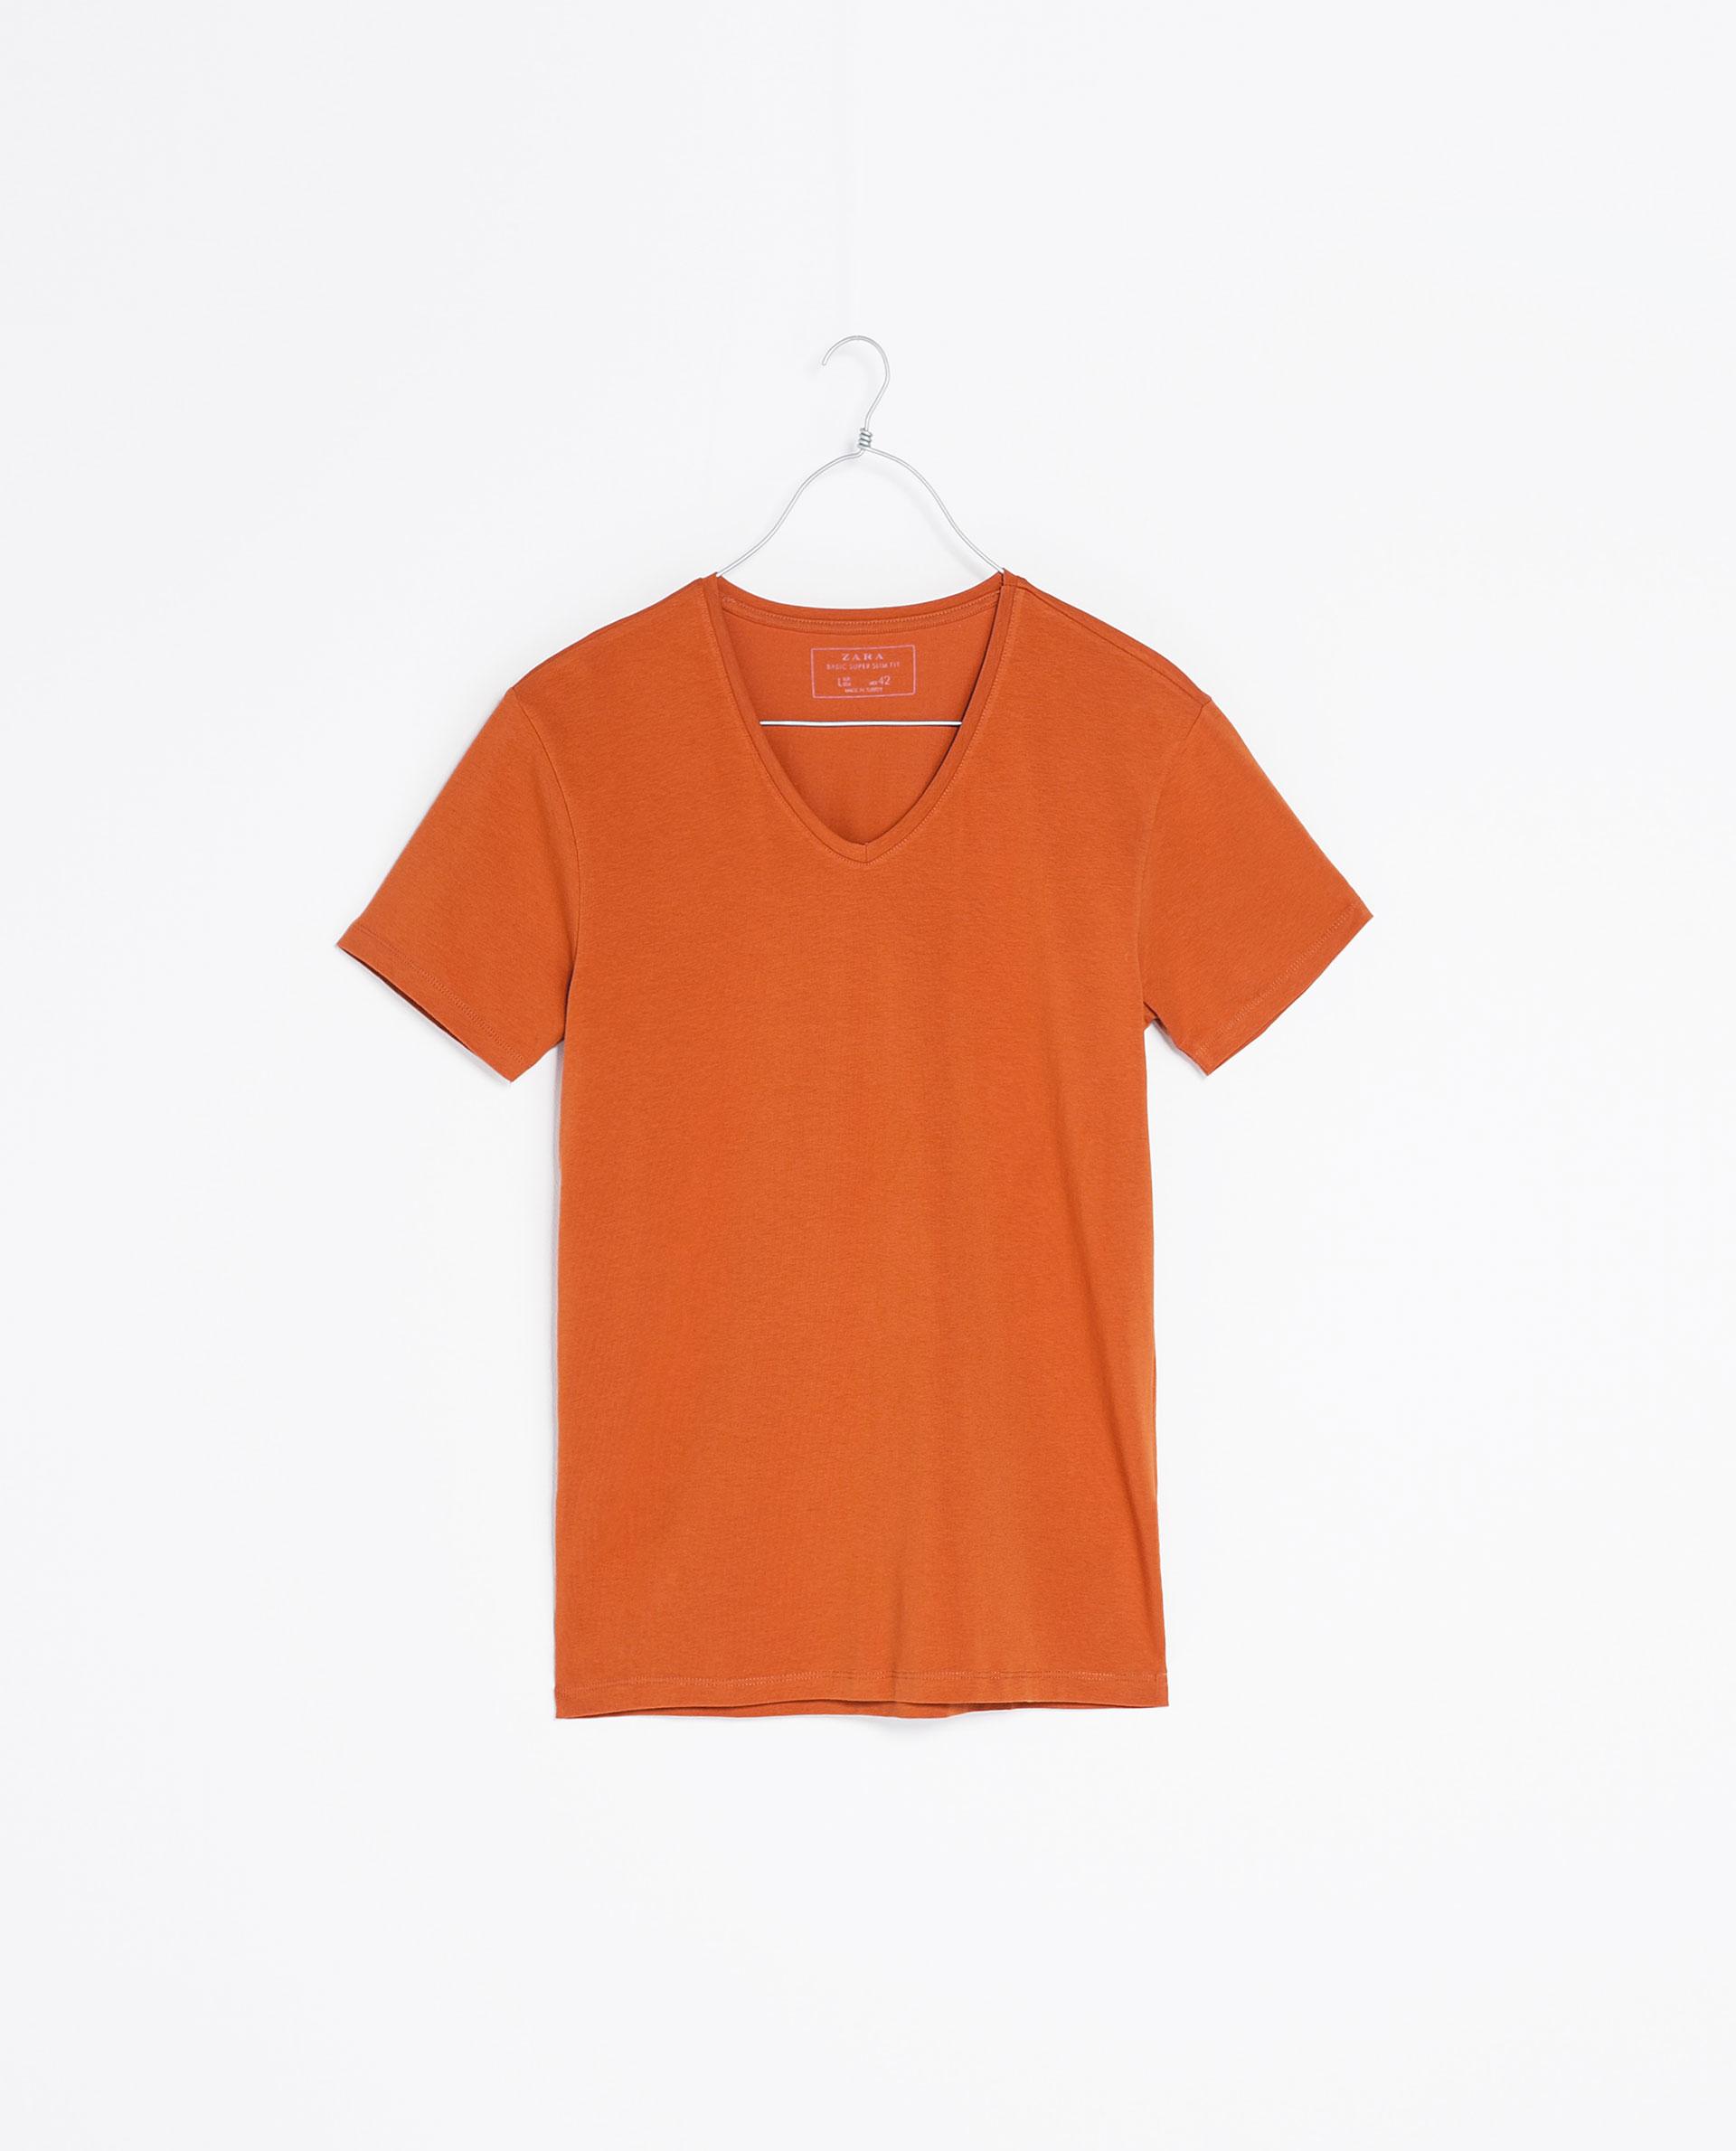 Zara super slim t shirt in orange for men burnt orange for Super slim dress shirts